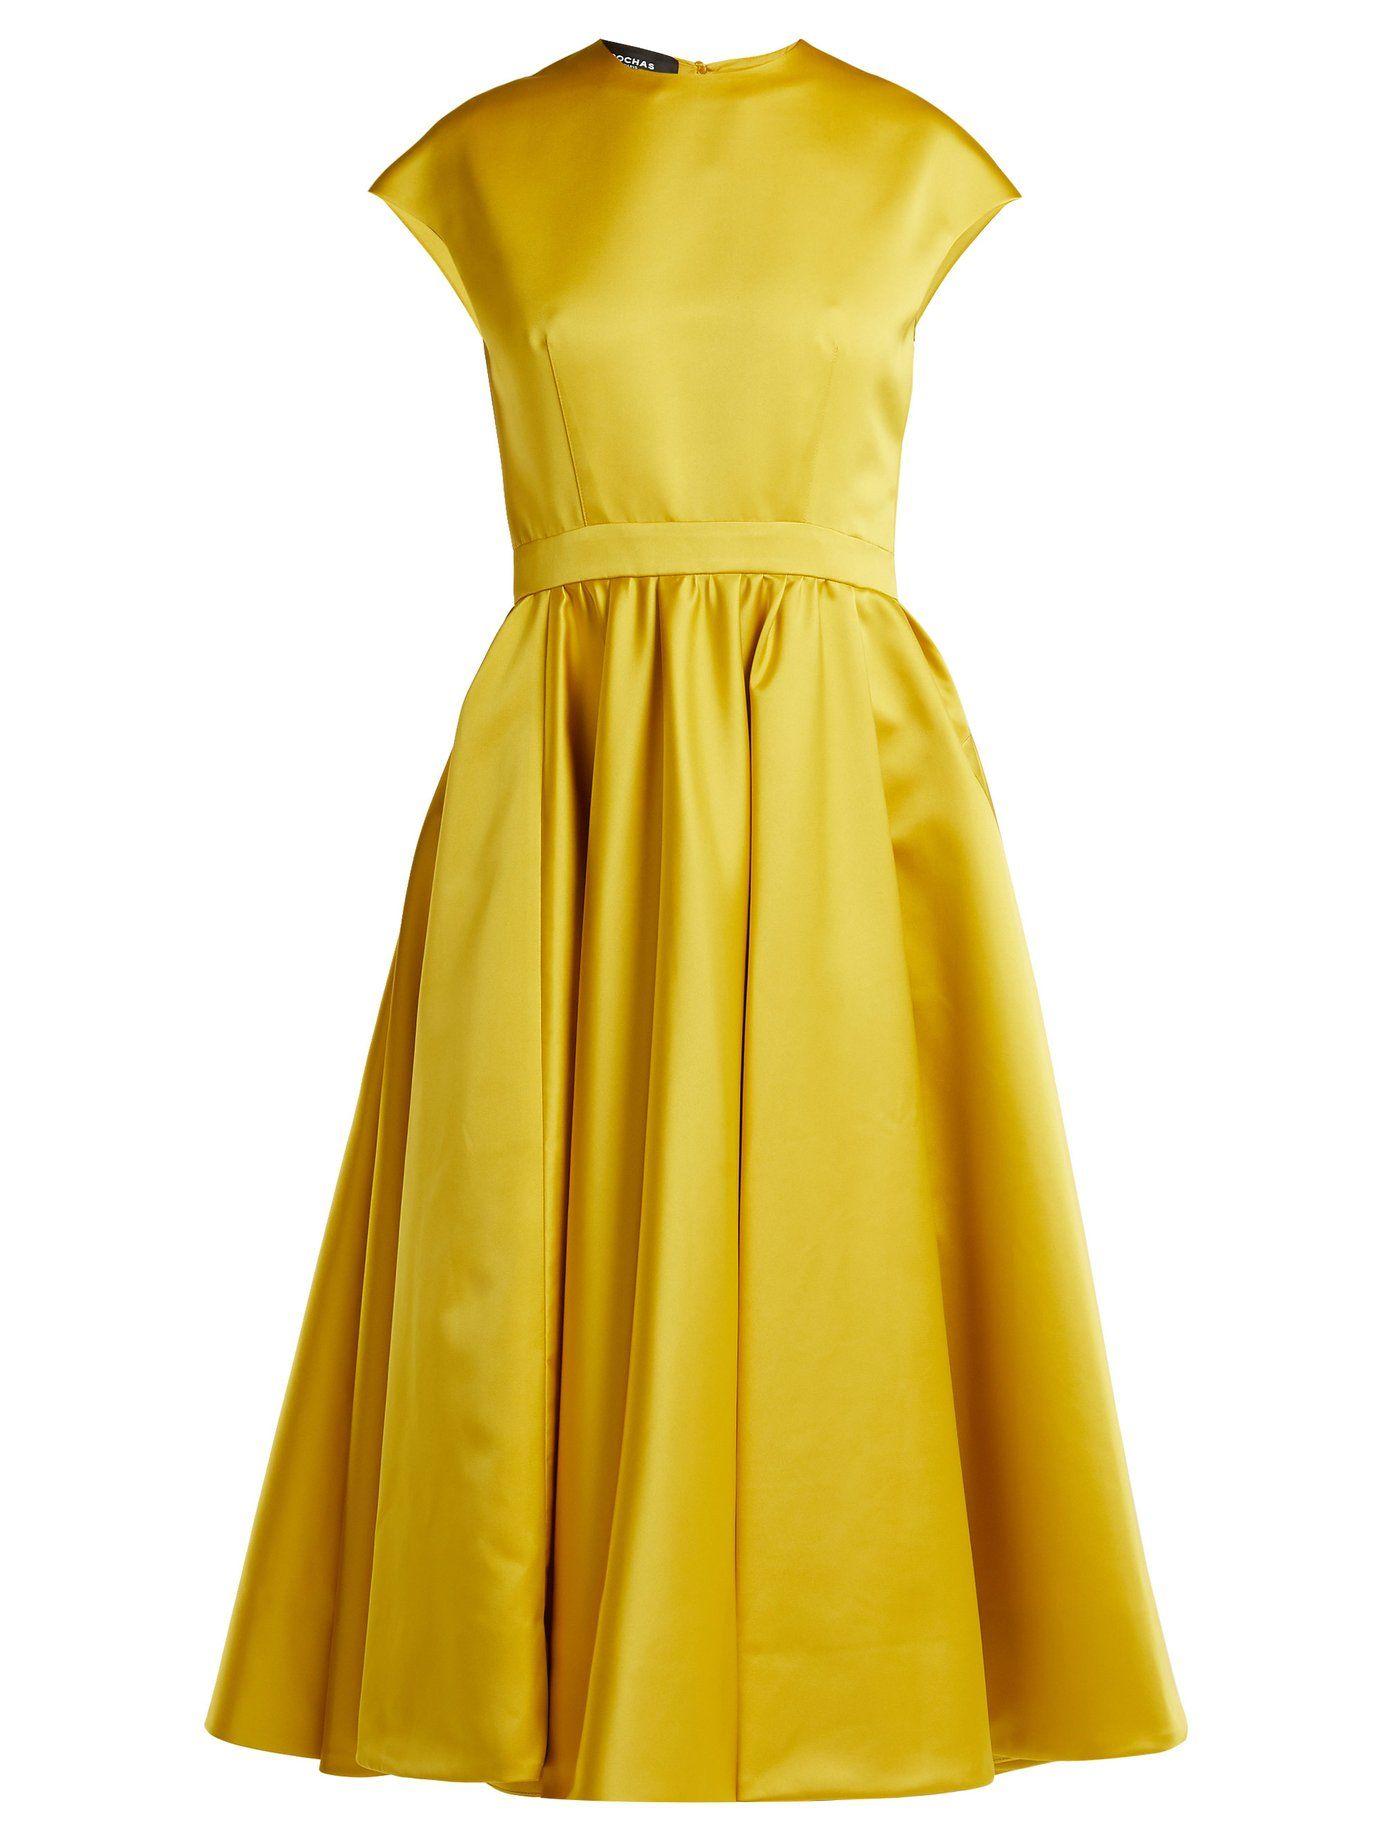 Duchess satin midi dress | Rochas | MATCHESFASHION.COM US